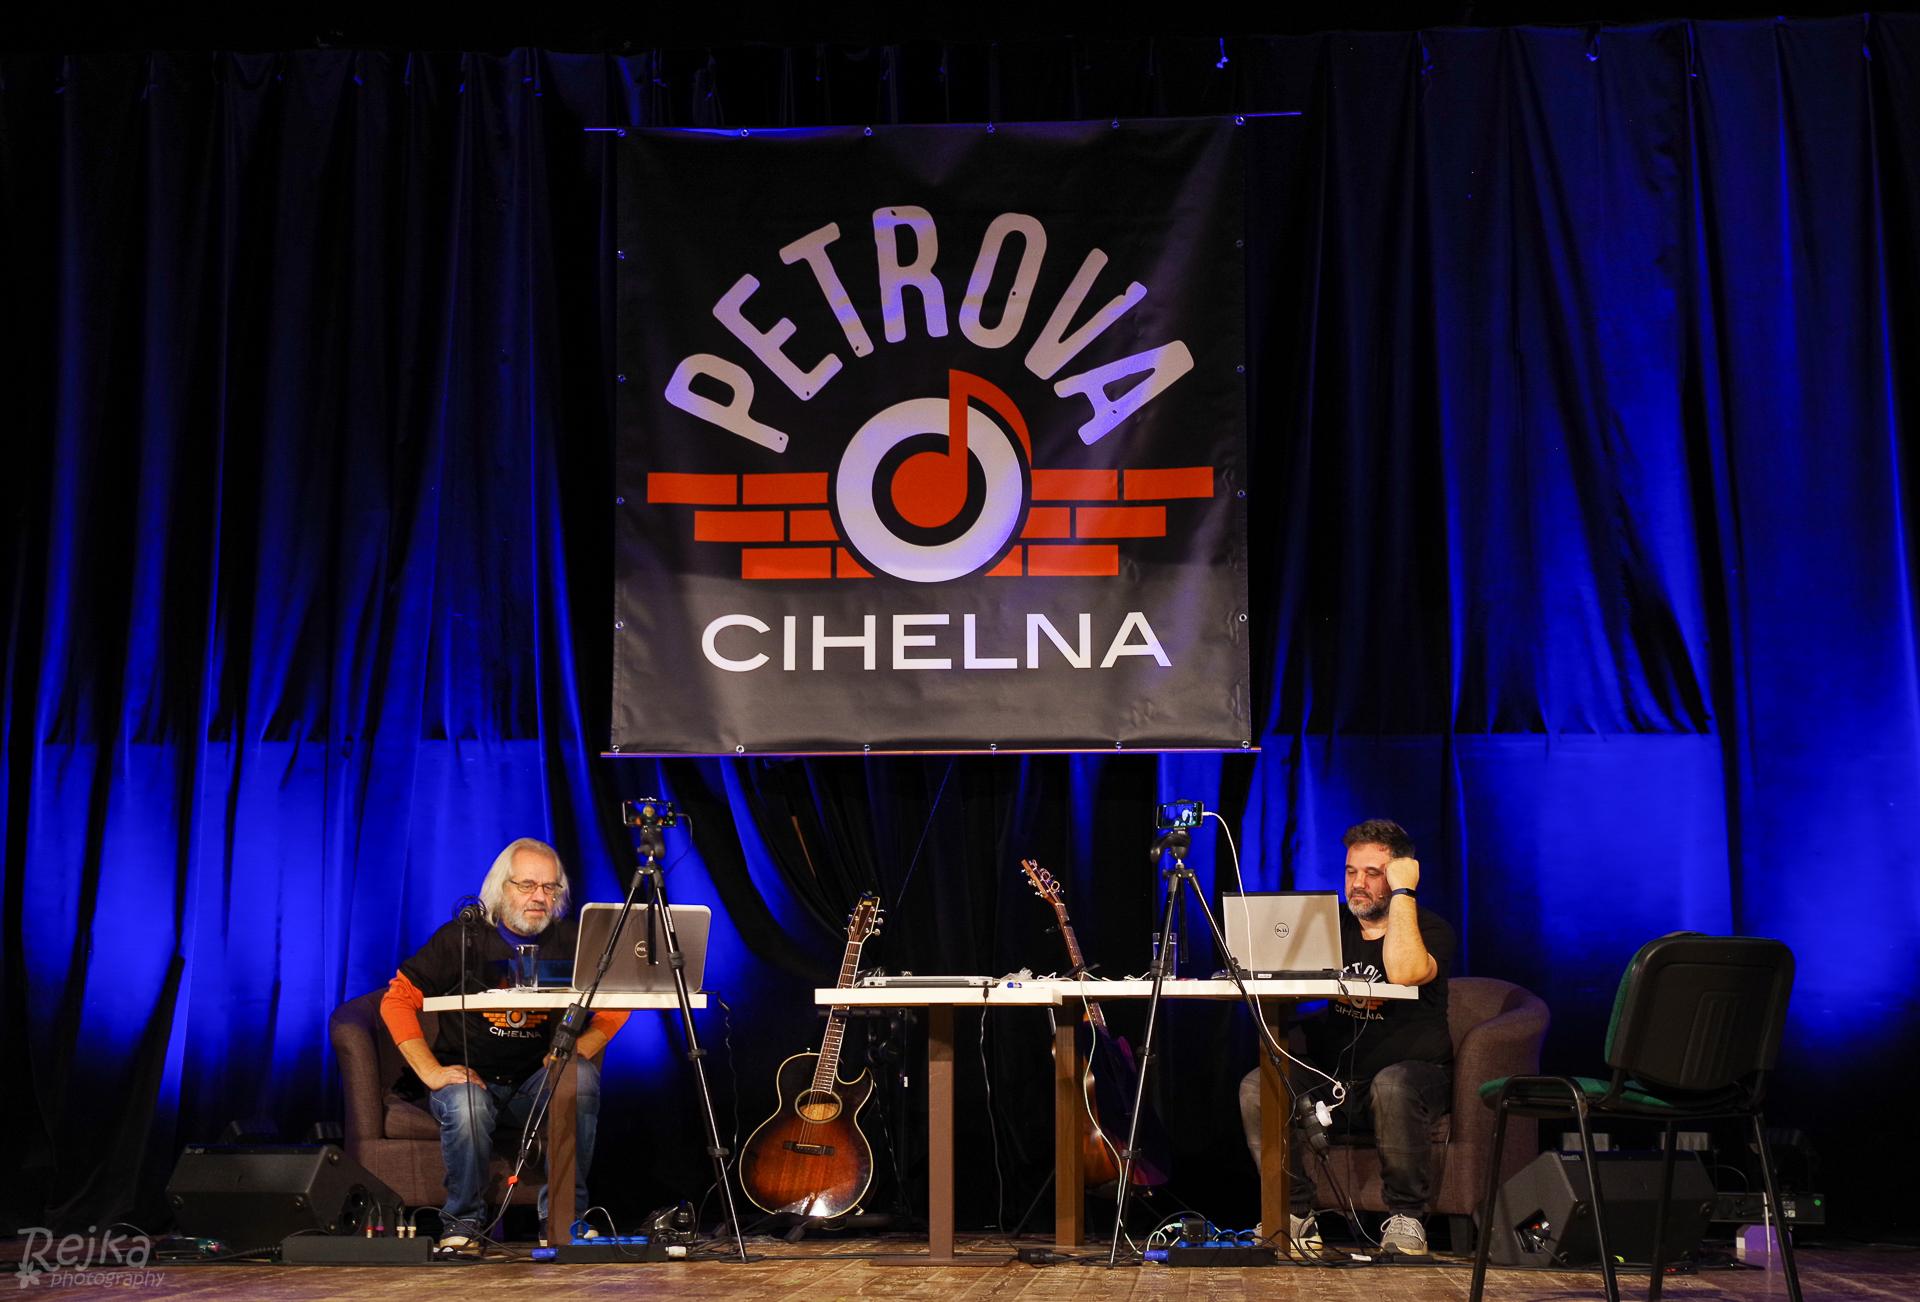 Festival Petrova cihelna a jeho nultý live stream